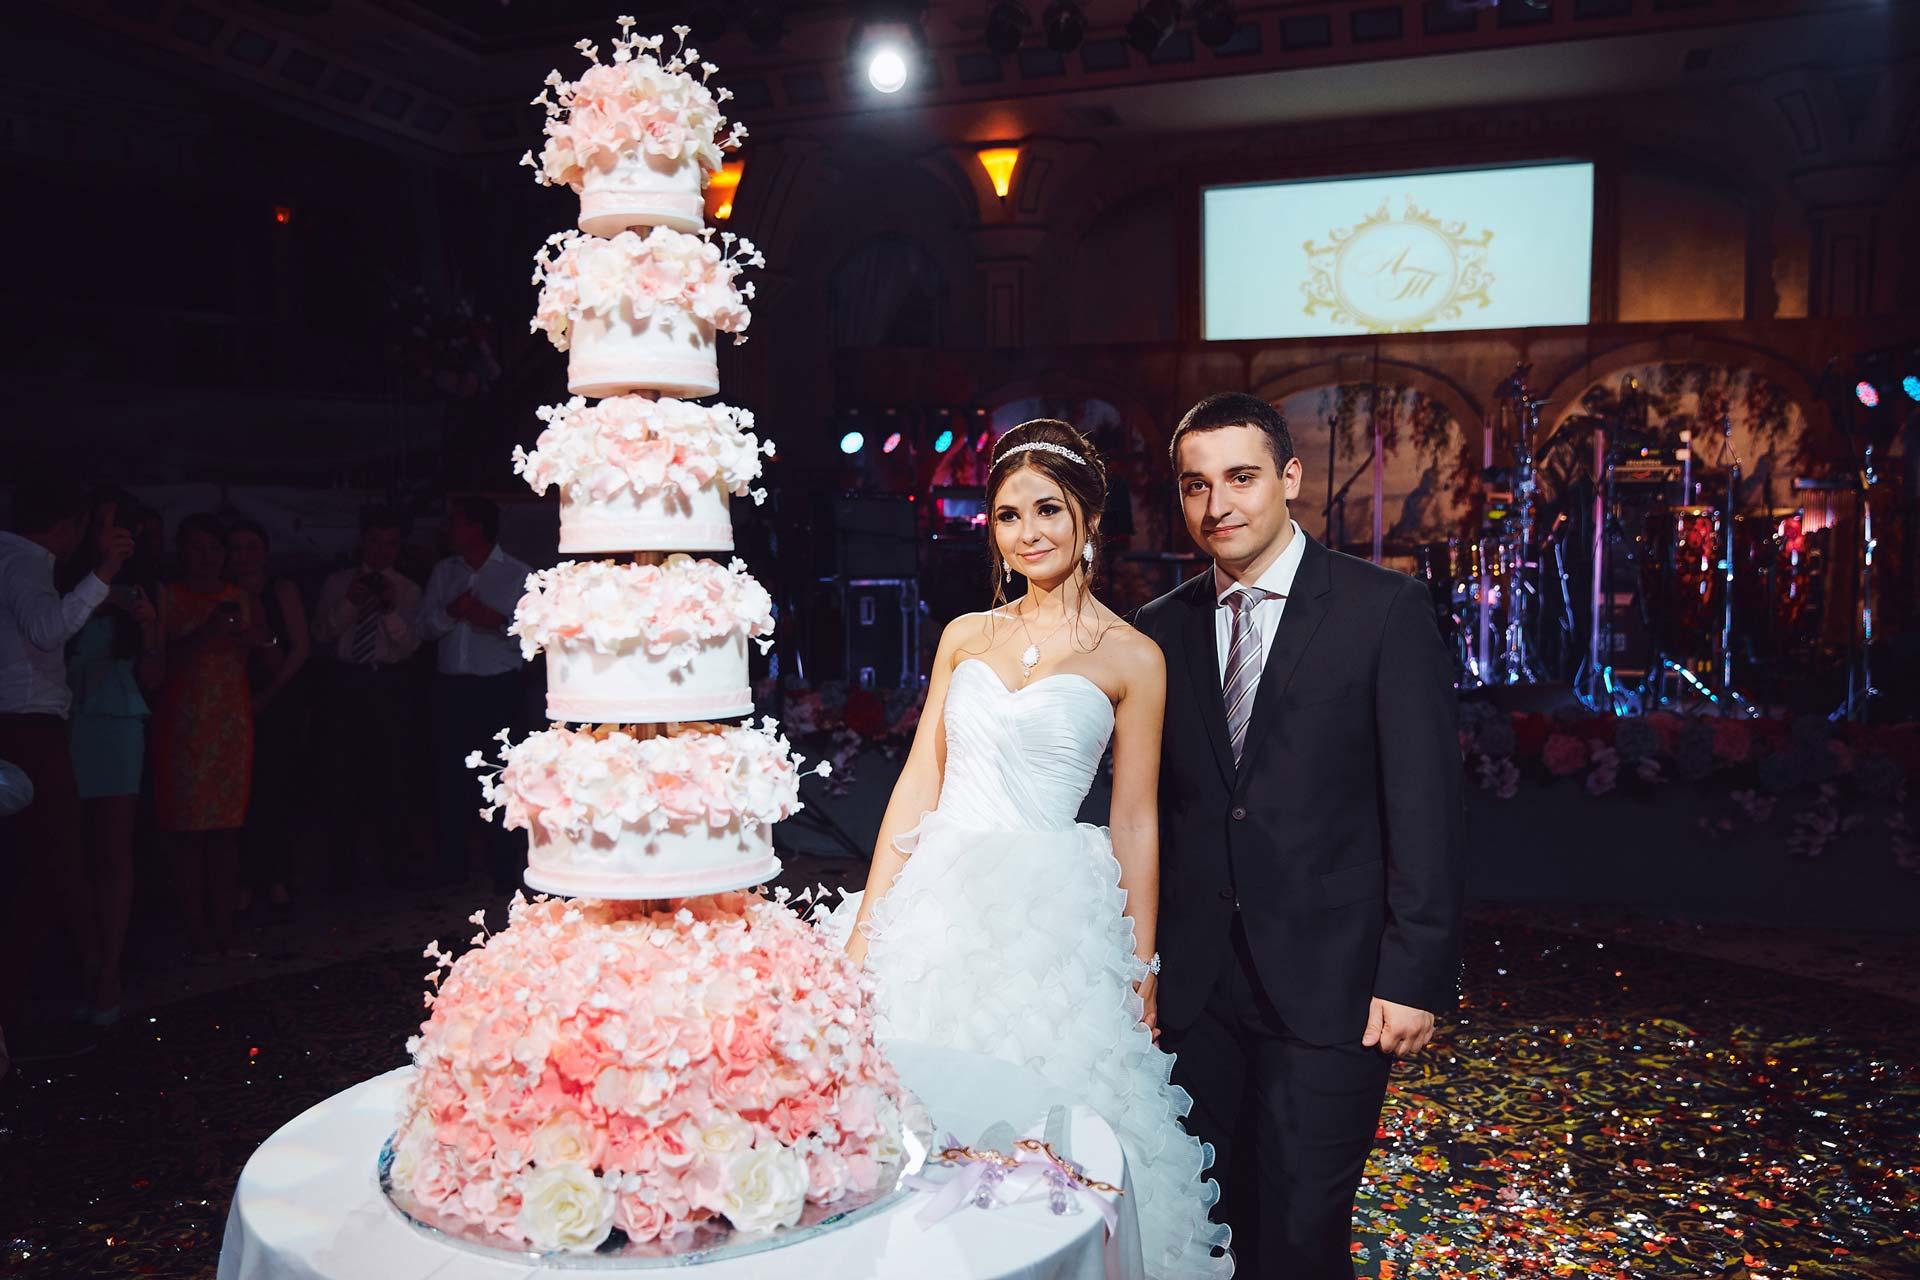 Мифология и национальные традиции. Свадьба Александра и Татьяны фото 24